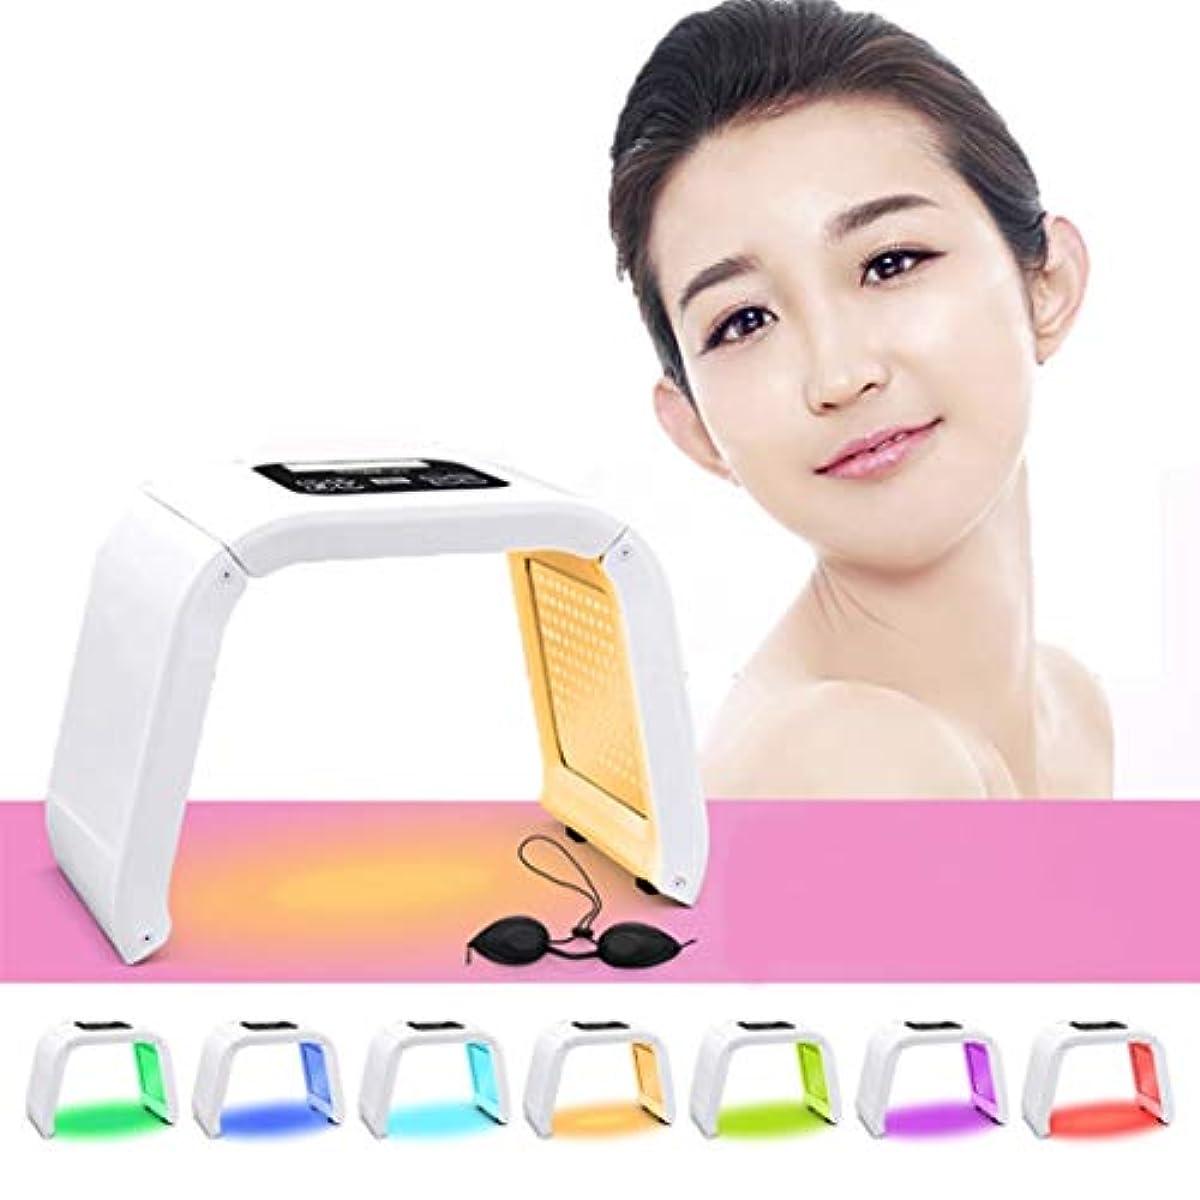 賞賛する雄弁平等若返りLED機器を皮膚、7色のLEDライトポータブル光子PDTにきび治療しわ除去健康な肌の若返りコラーゲンのためのアンチエイジング